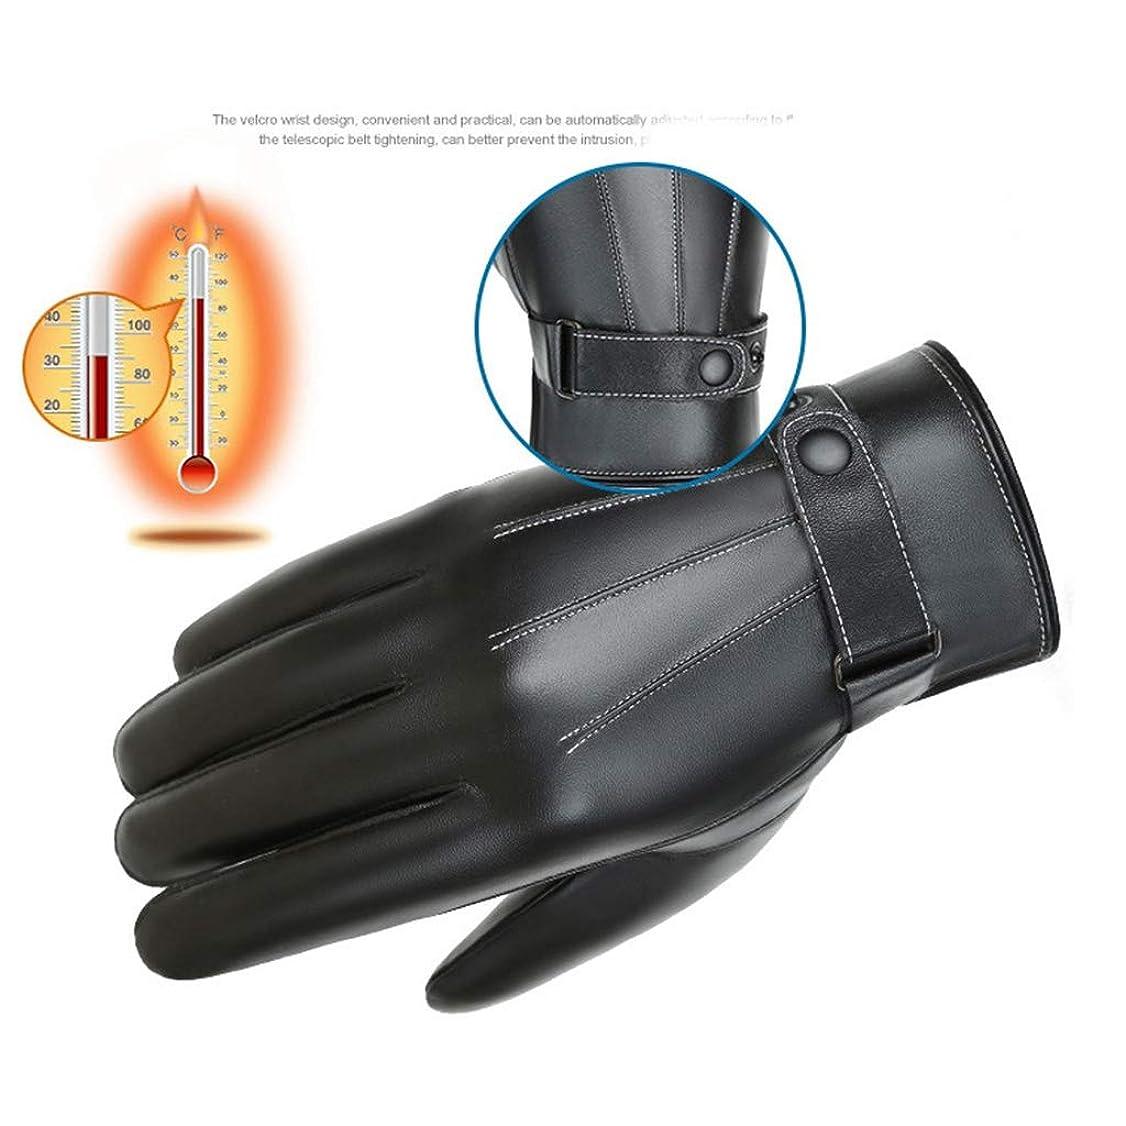 悪因子外側補体タッチスクリーンのメンズグローブ冬プラスベルベット厚い暖かい防風防水ライドバイクバイクの乗り物の手袋